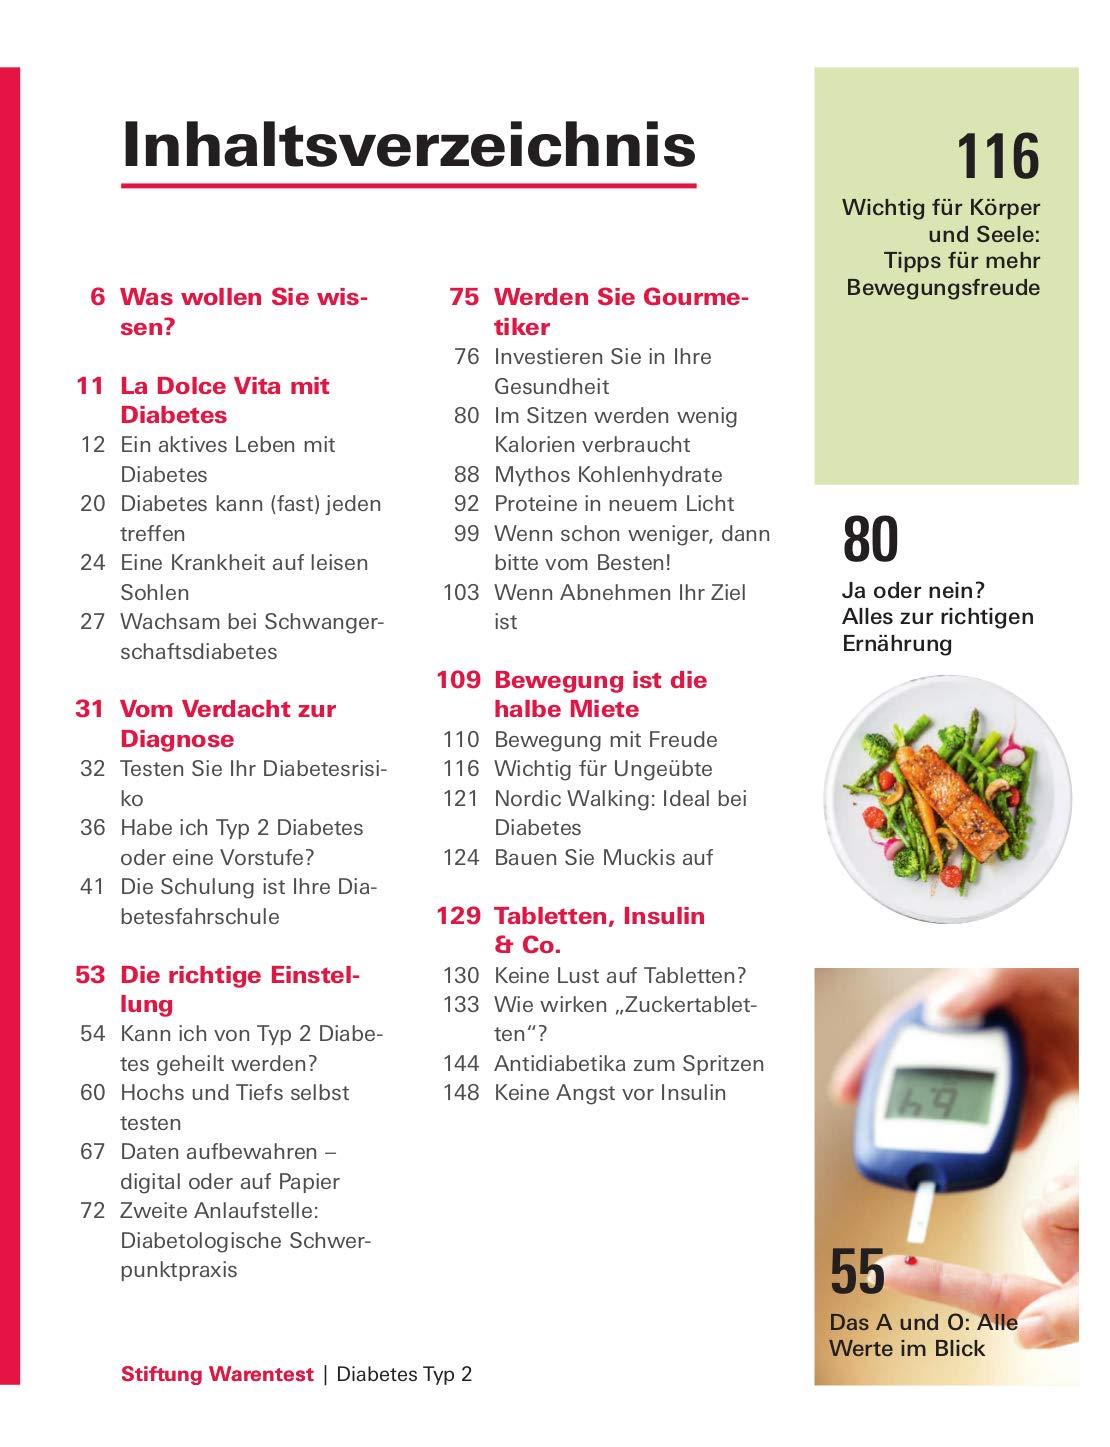 Metaboltonics sen wirkt zur Gewichtsreduktion